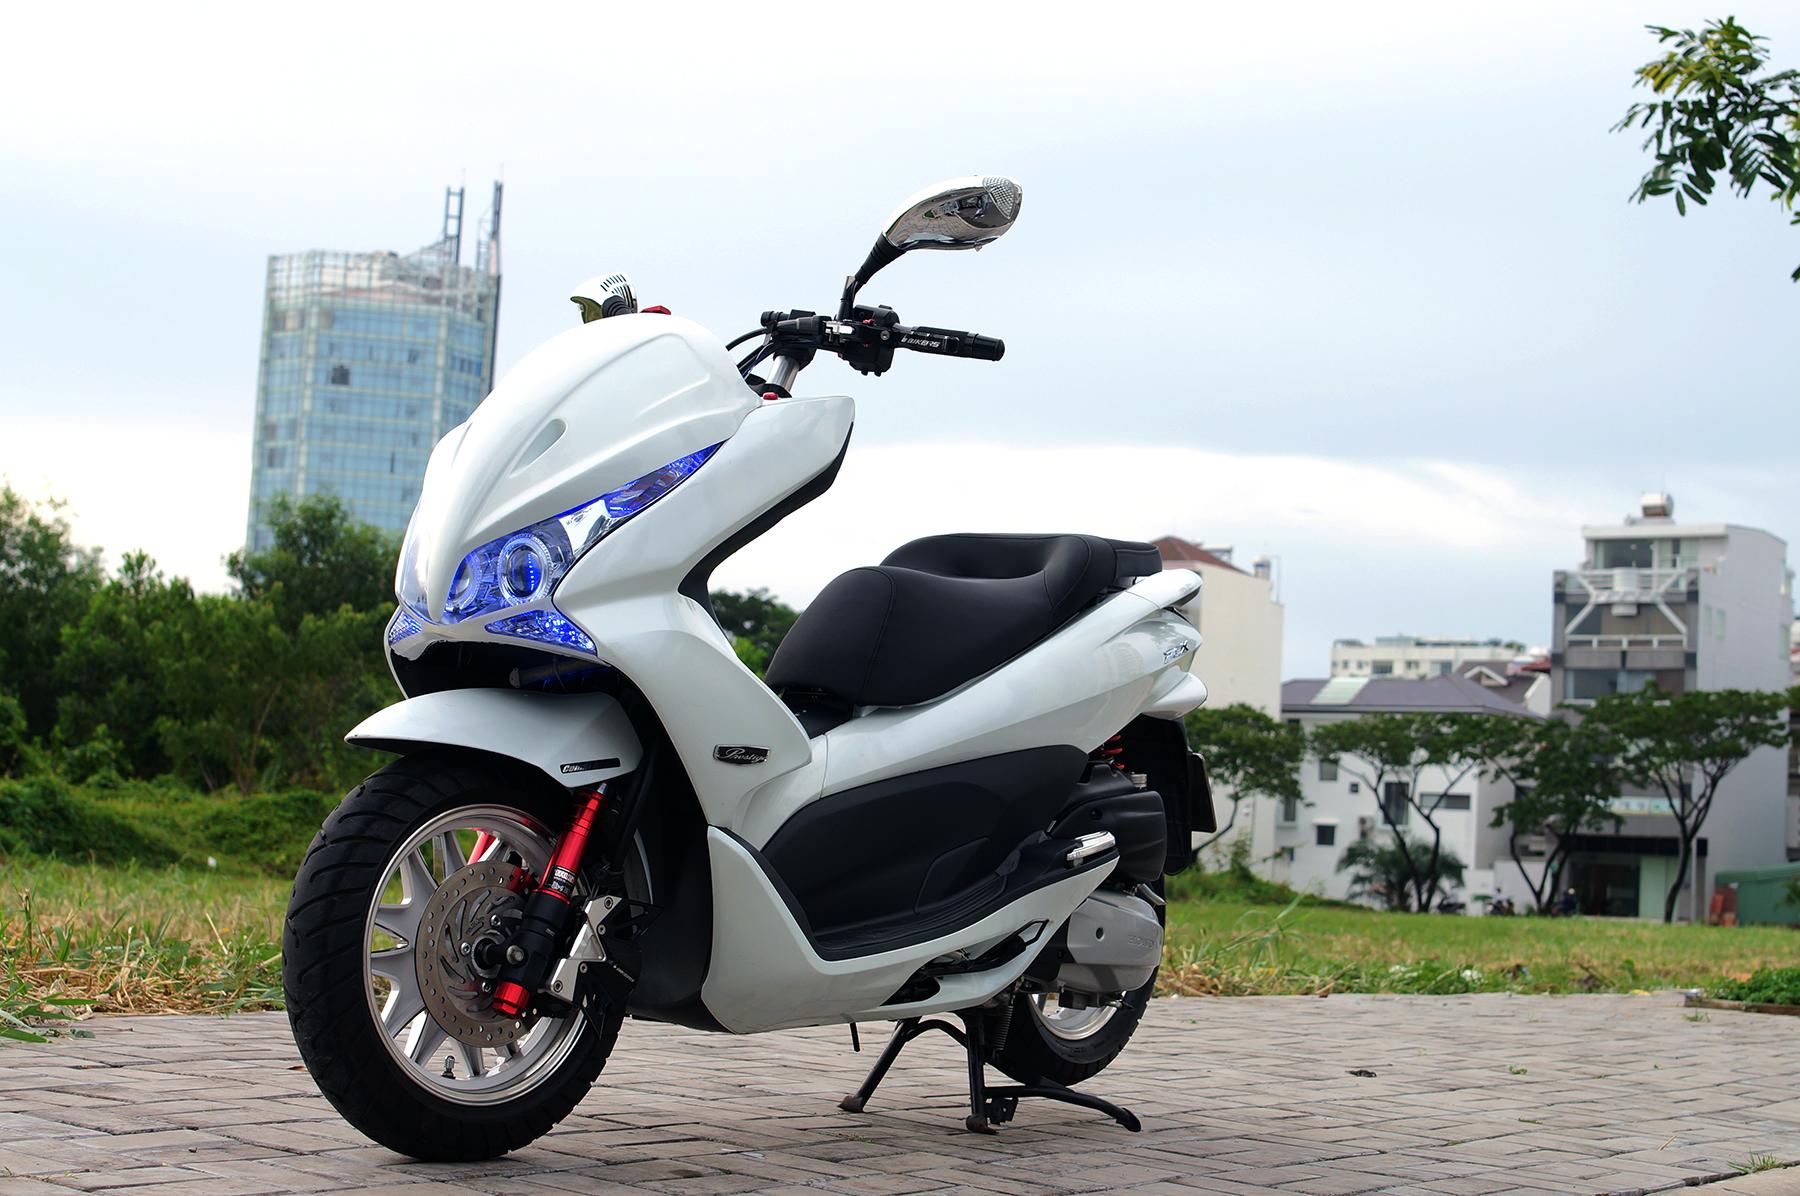 Honda PCX độ thời trang của dân chơi Việt